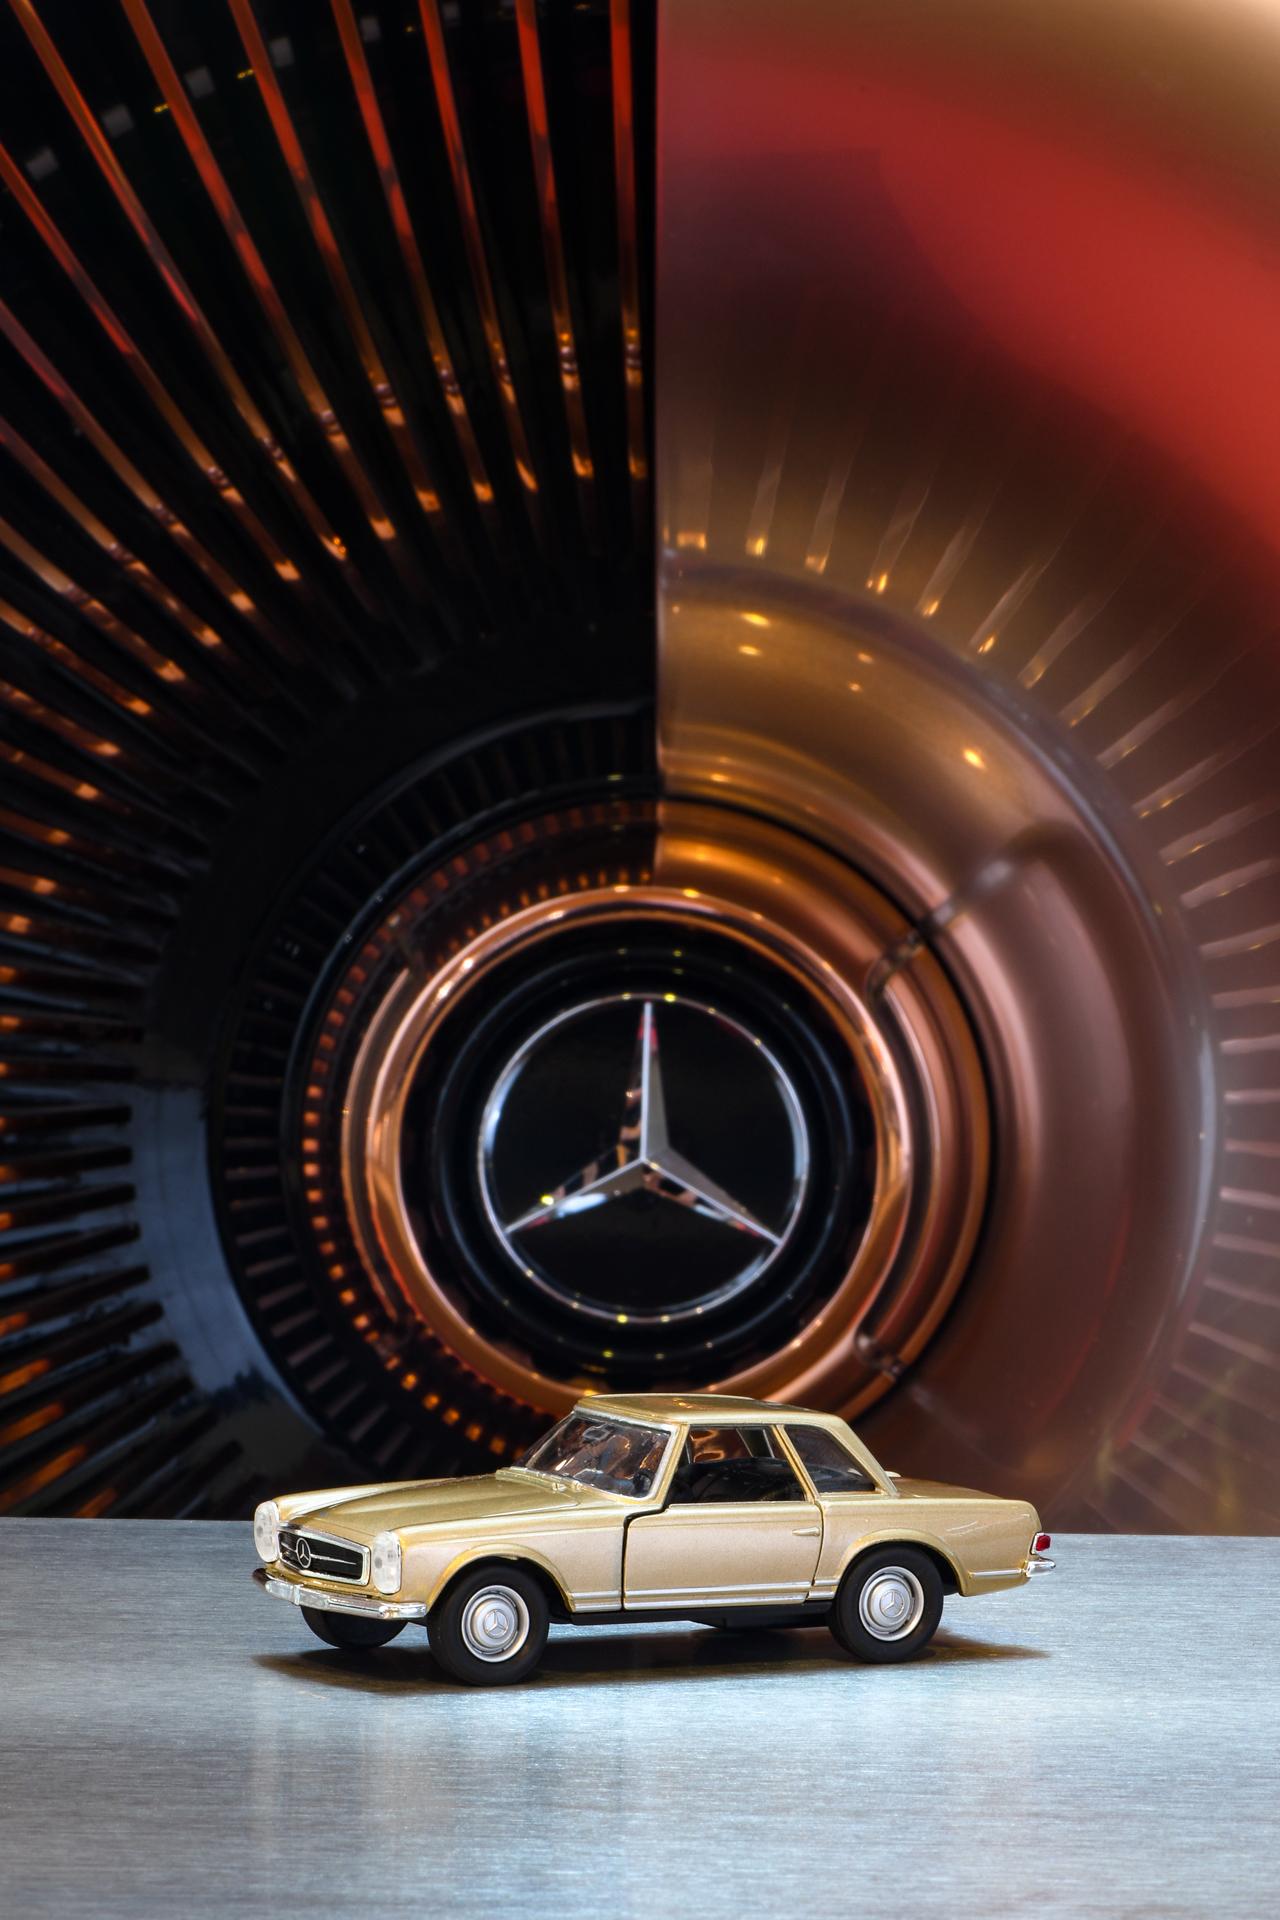 """Mercedes-Benz 230 SL """"Pagode"""" (W 113) in Sandbeigemetallic. Modellauto im Maßstab 1:24 aus Zinkdruckguss mit Kunststoffteilen aus dem Programm des Mercedes-Benz Classic Shops. Preis 29,90 Euro. Inszeniertes Foto in der Dauerausstellung des Mercedes-Benz Museums."""